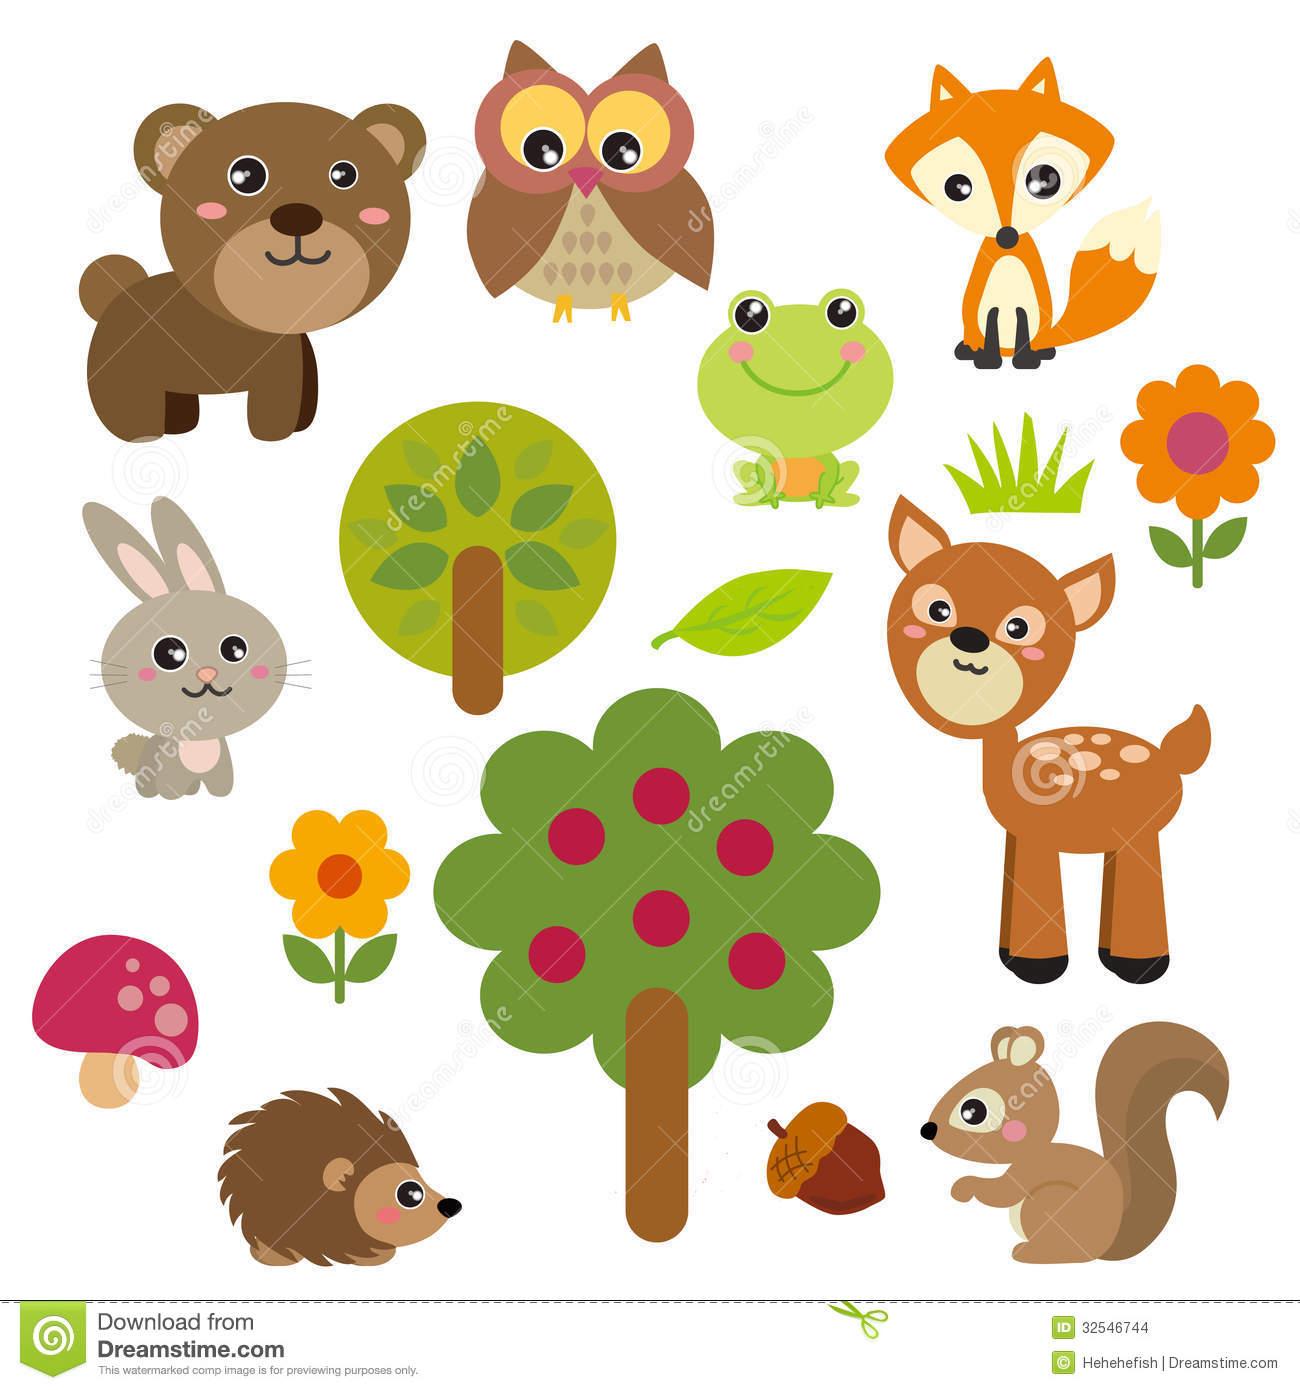 Animl clipart simple Art Clip forest Animal animal